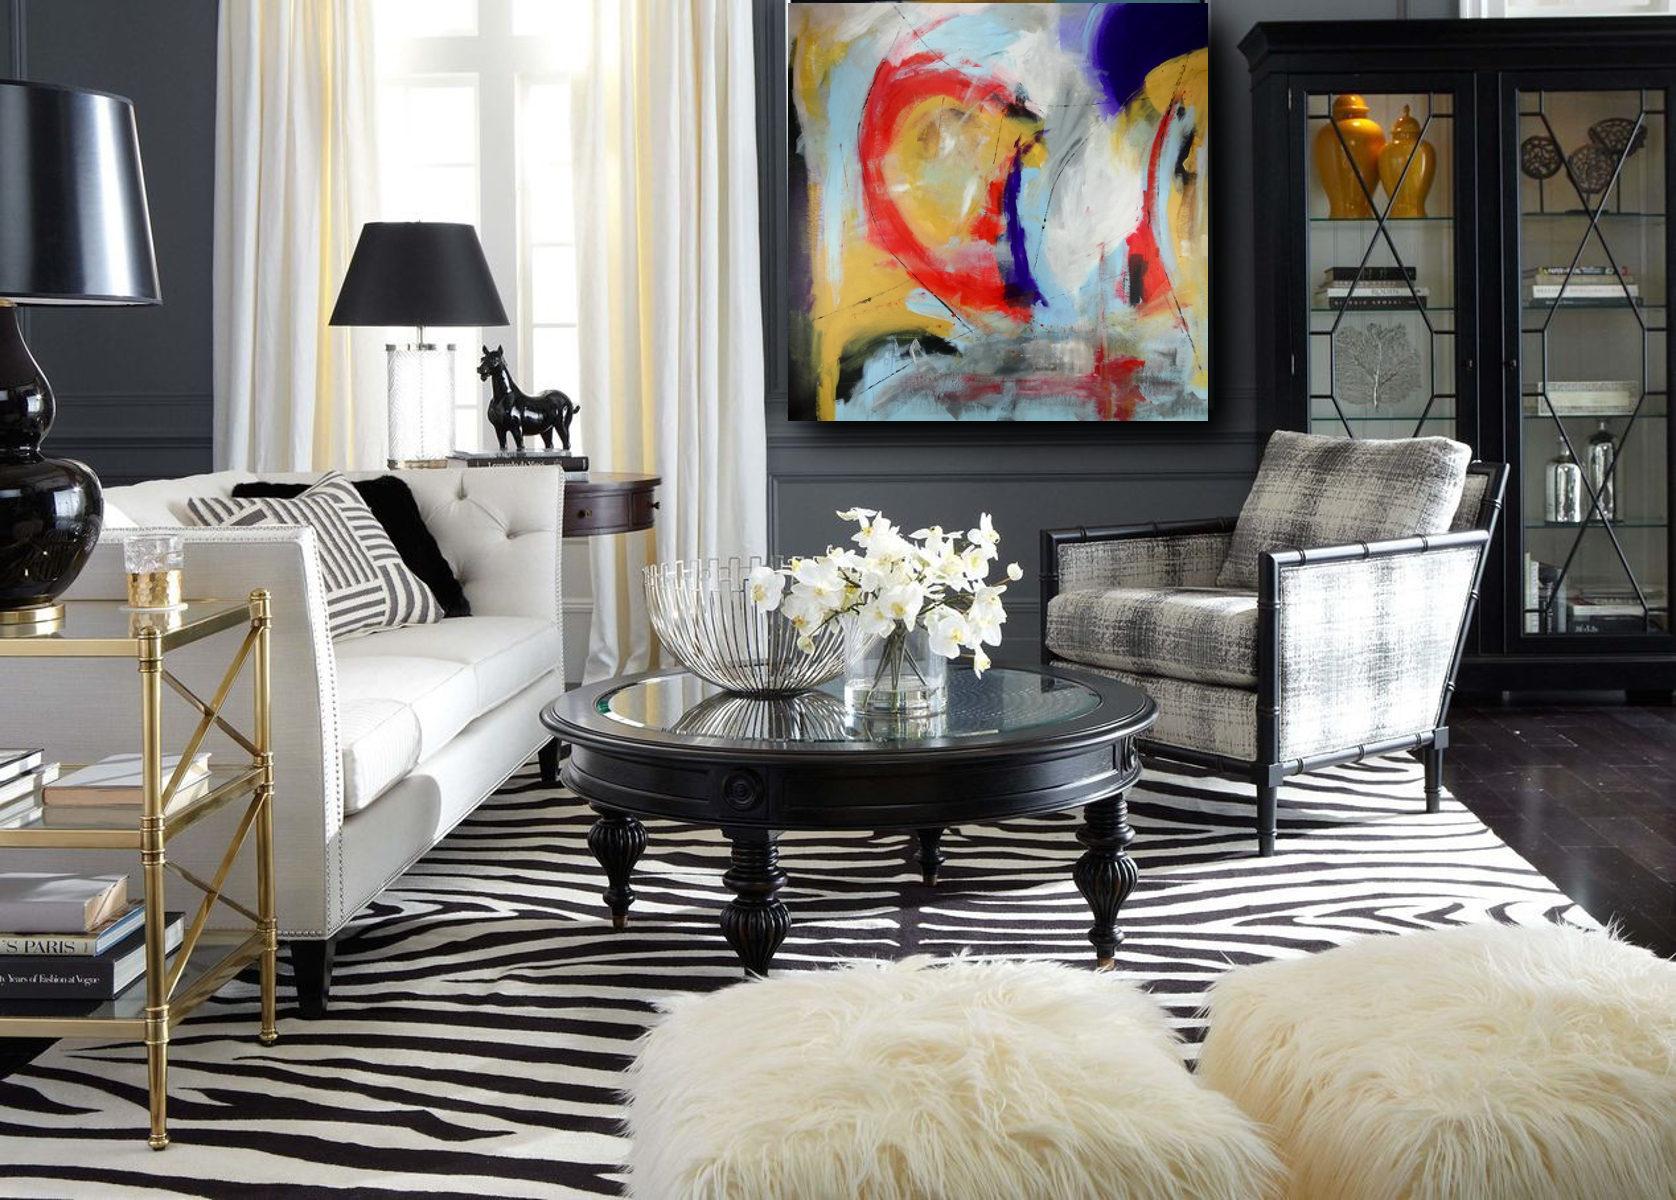 quadri su tela per arredamento grandi misure 120x120 | sauro bos